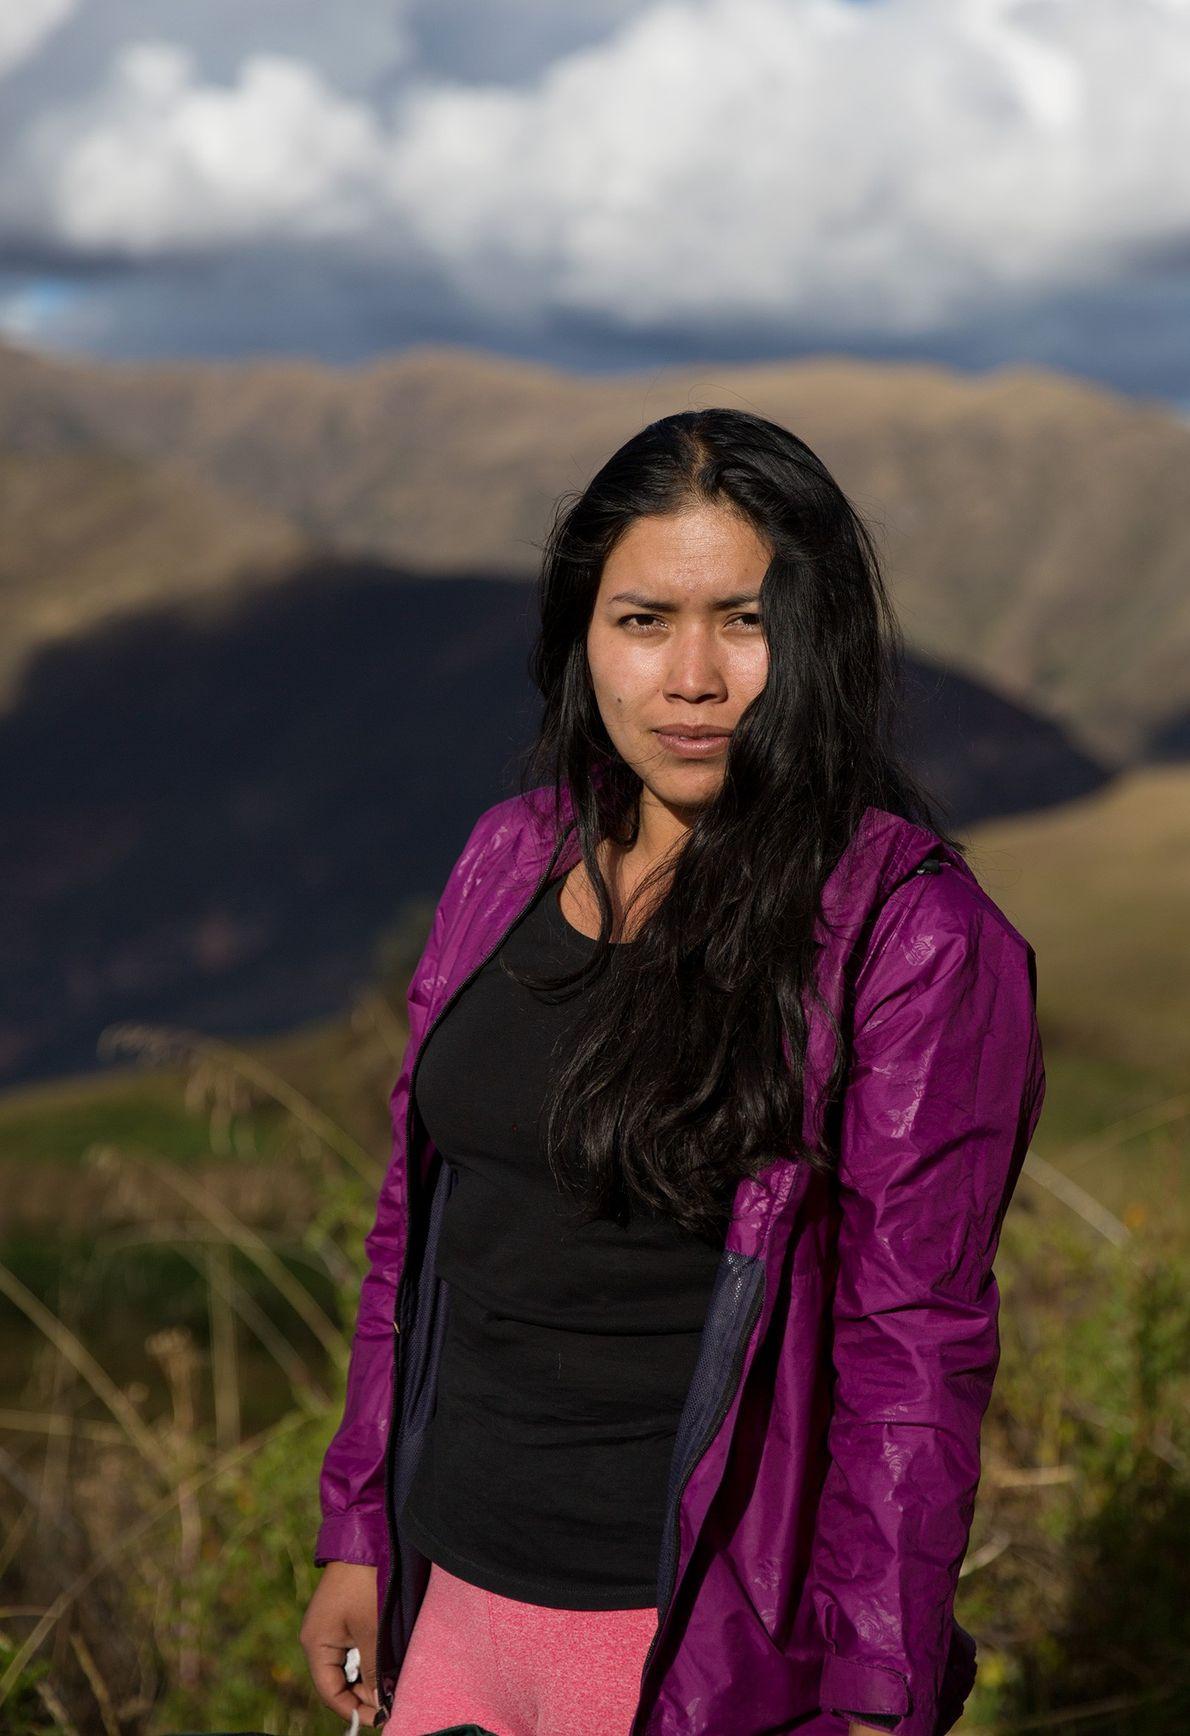 Sara Qqehuarahucho Zamalloa, de 24 años, es porteadora y guía en formación. A pesar de haberse …